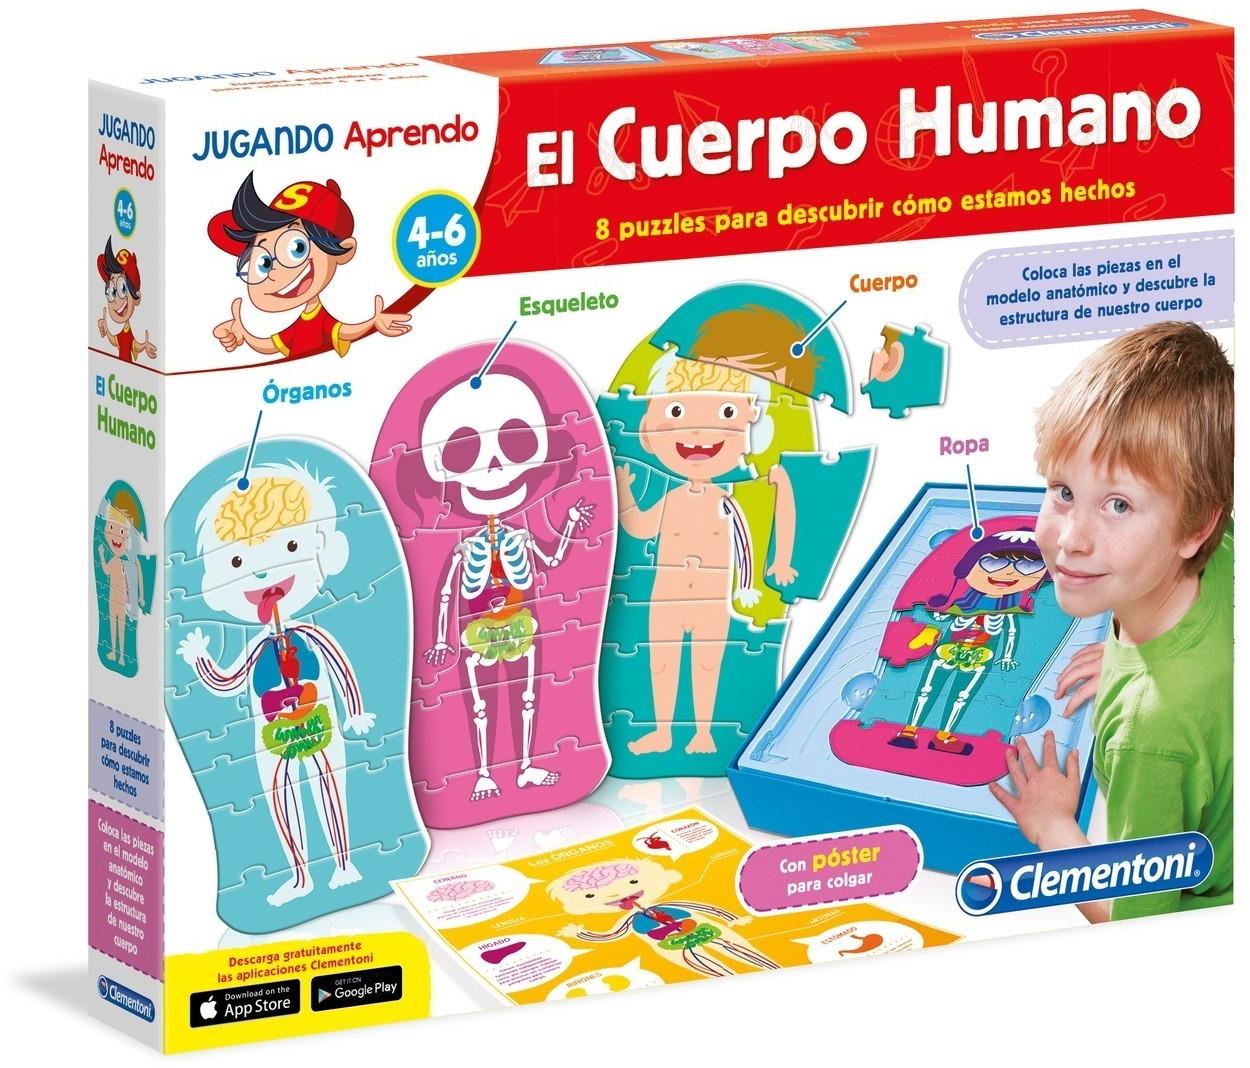 Clementoni Jugando Aprendo El cuerpo humano